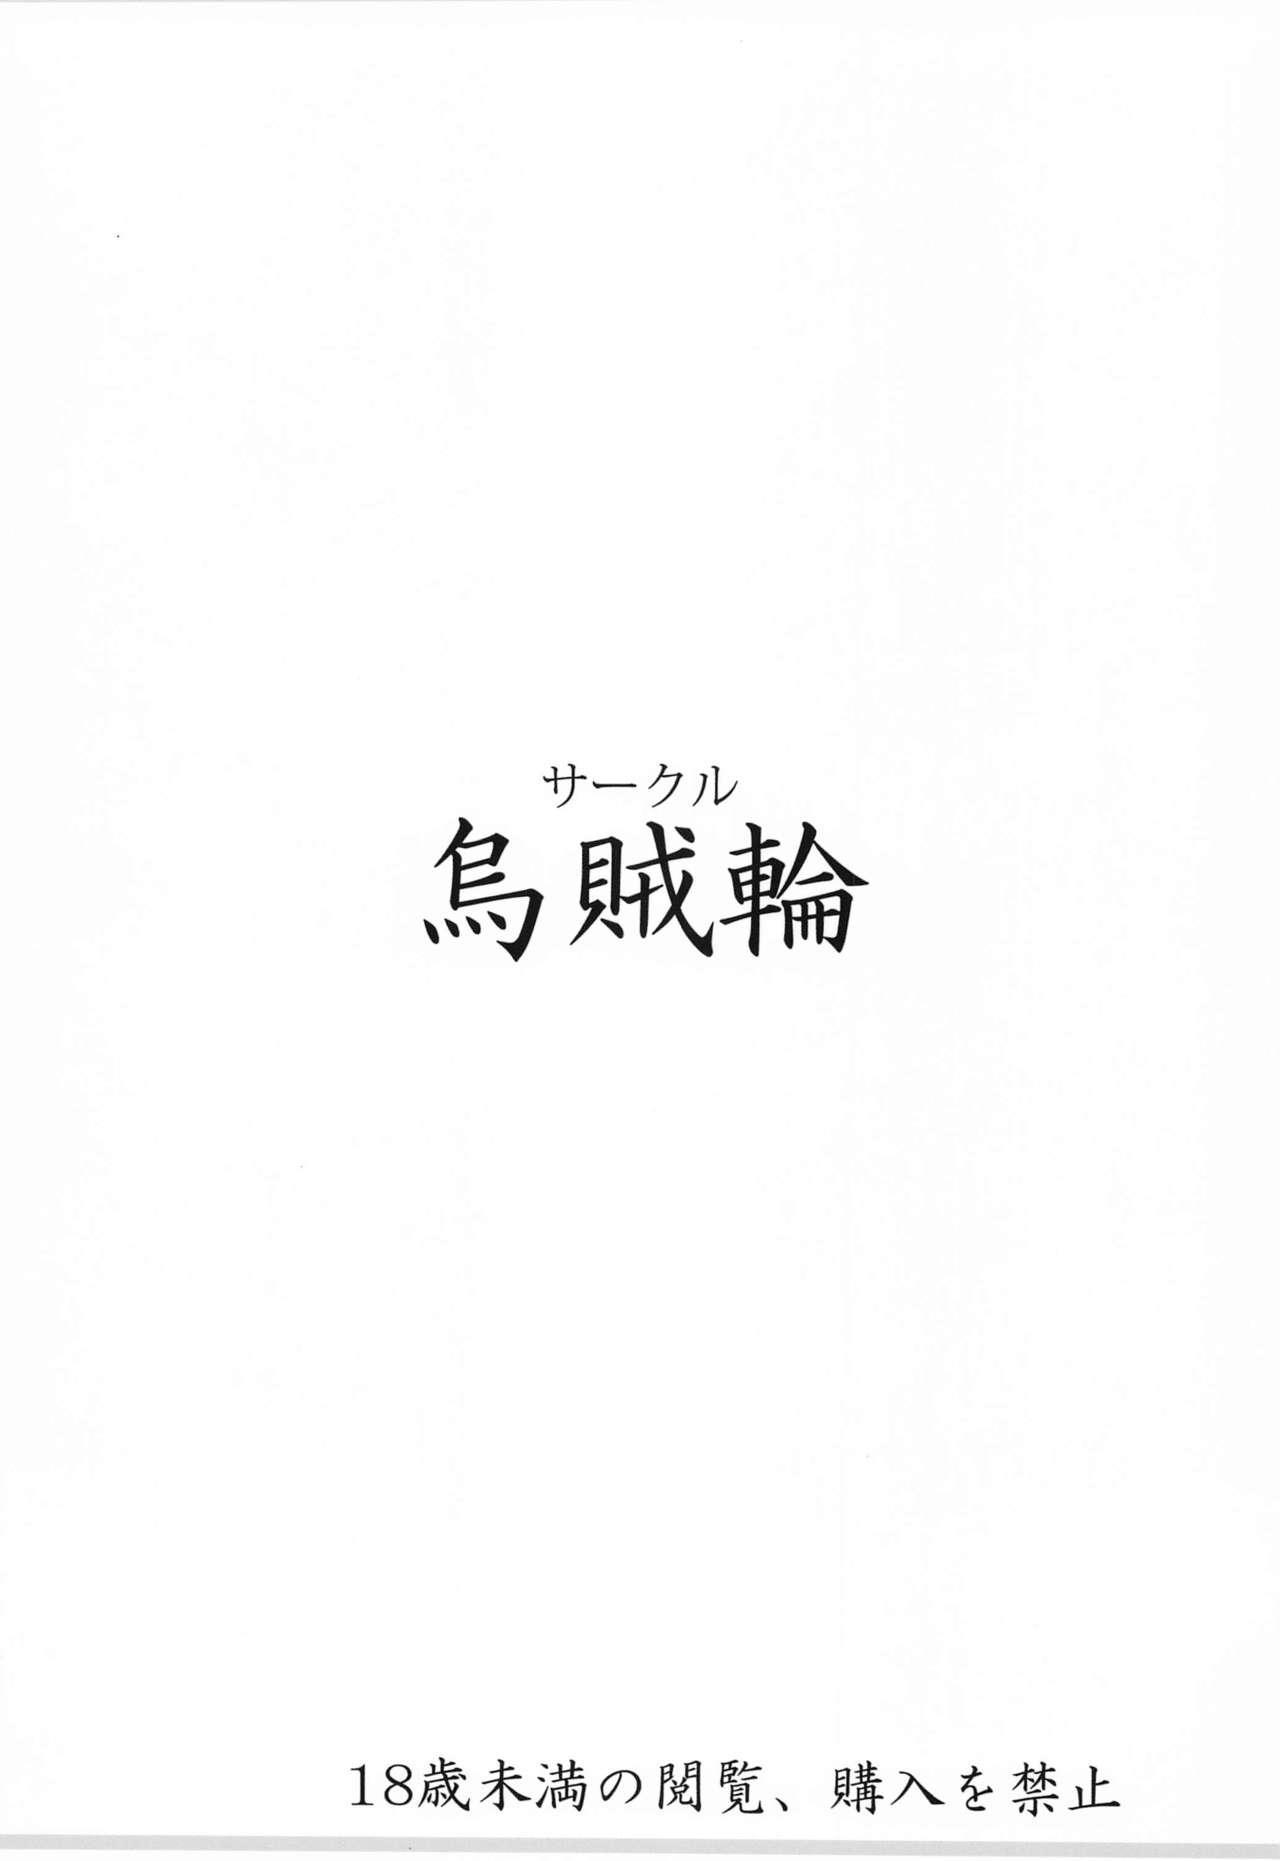 Totsuzen no Kinyoku Seikatsu ni Sabishikute Gaman Dekinaku Nacchau Yukari-san 17